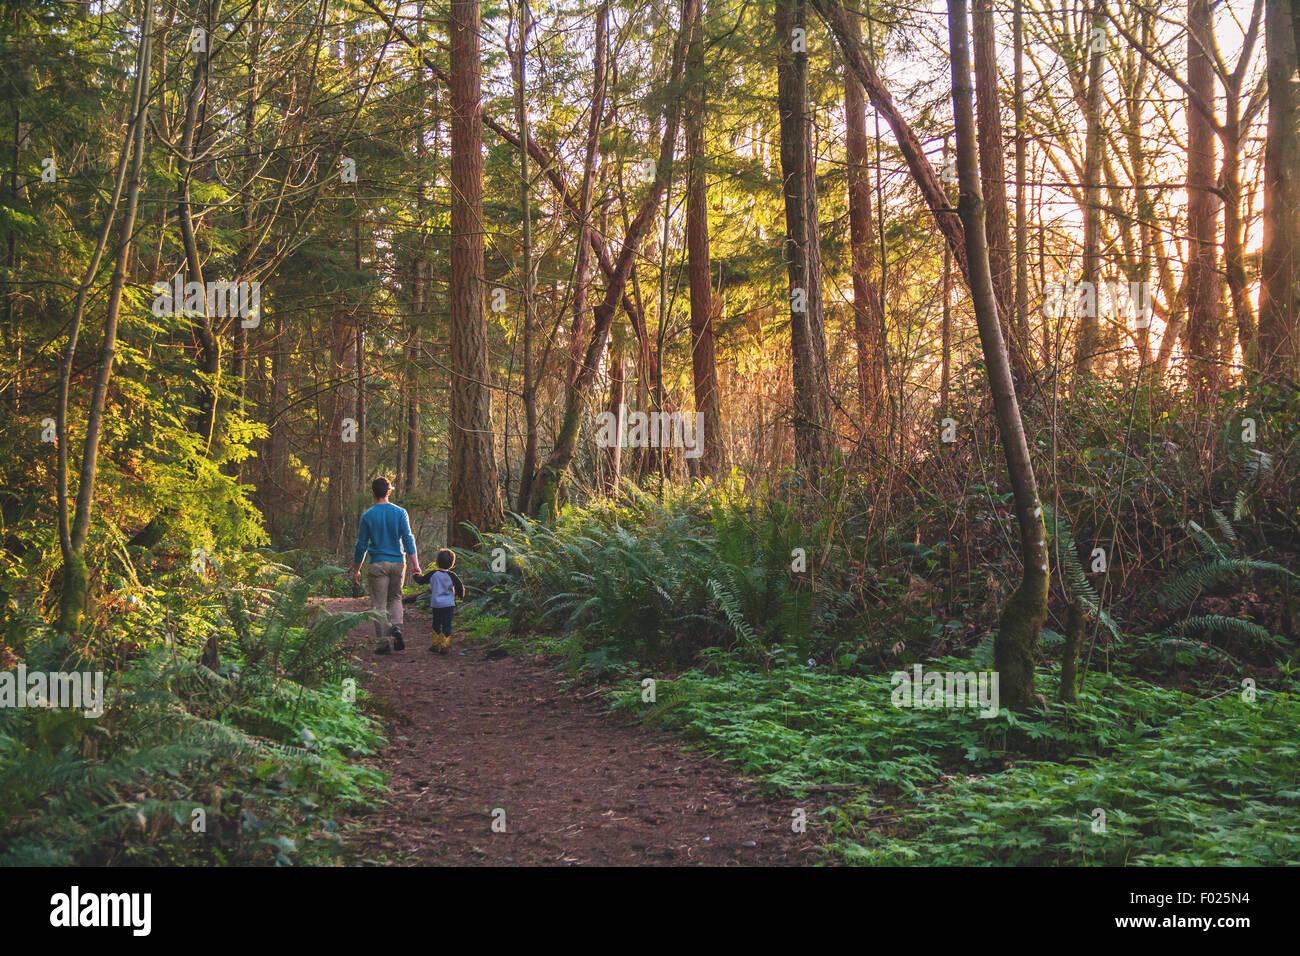 Père et fils de marcher dans les bois Photo Stock